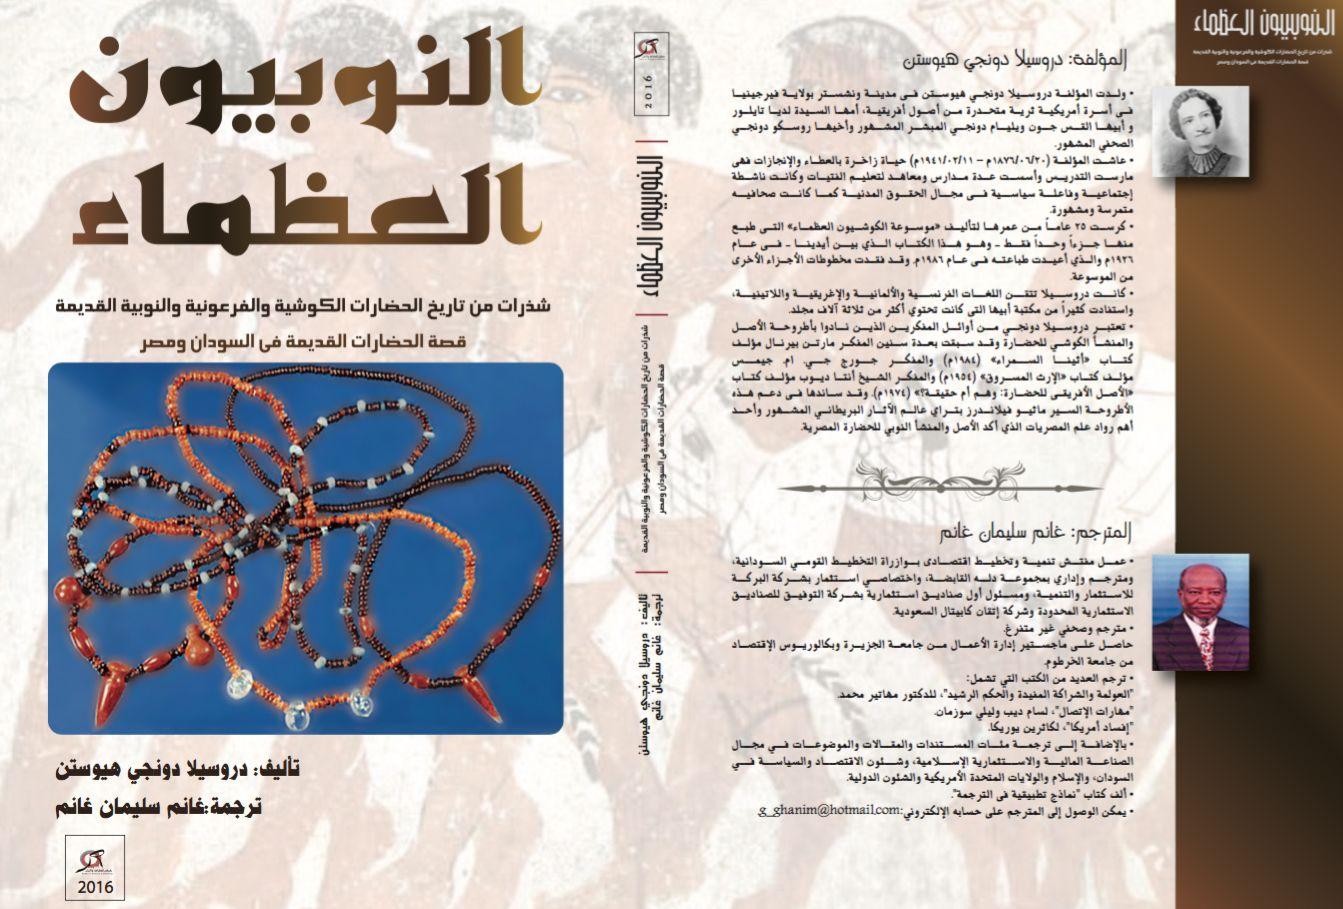 كتاب النوبيون العظماء في معرض الخرطوم الدولي للكتاب وقريياً في المكتبات